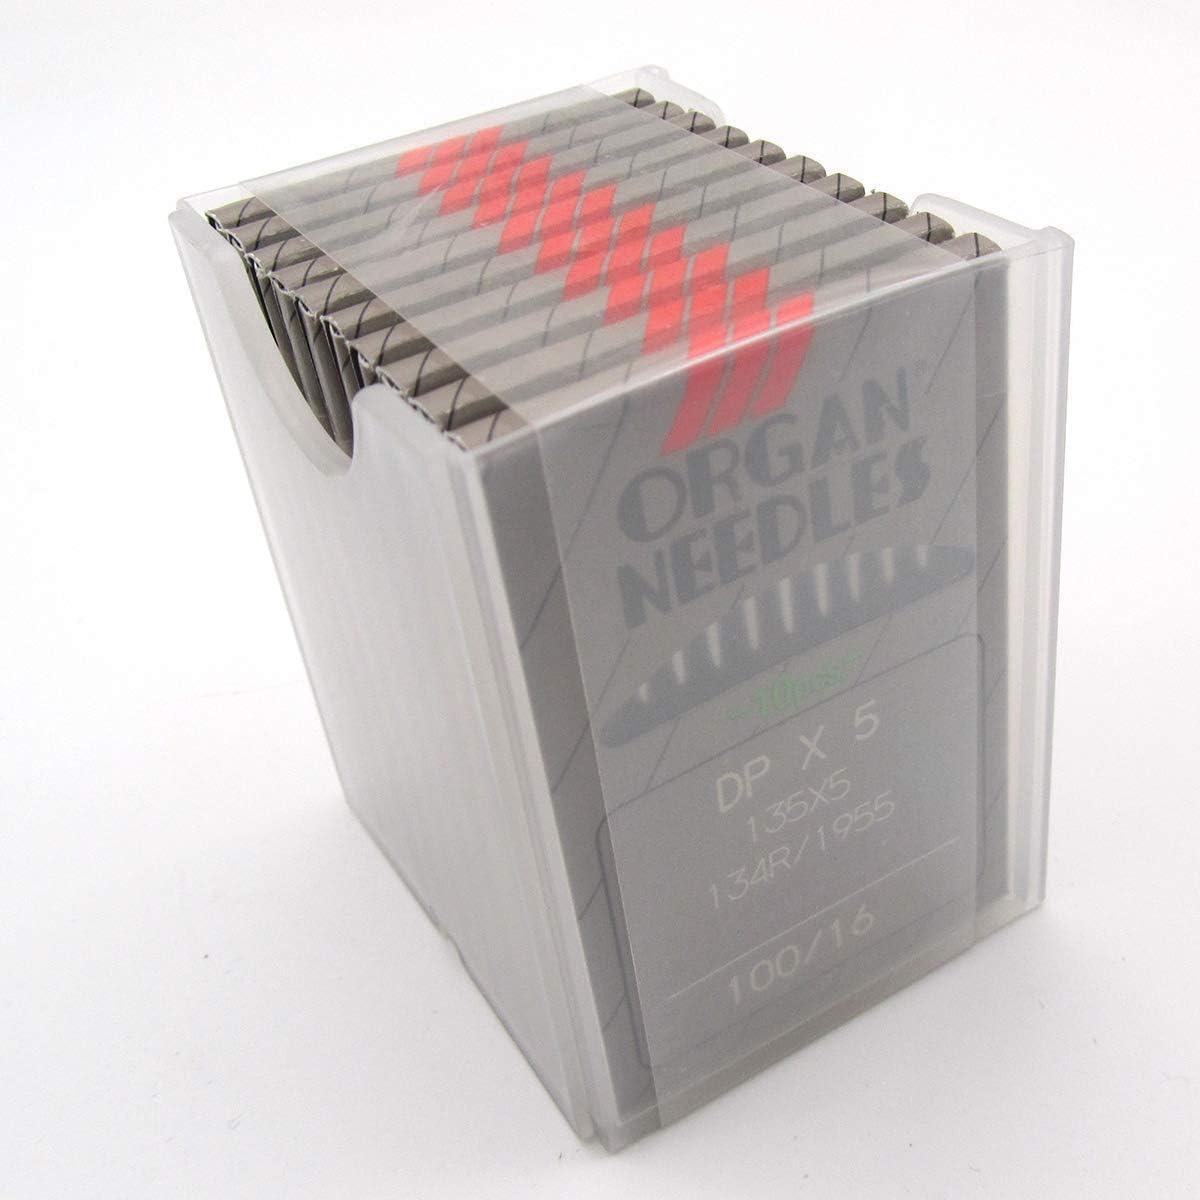 100 St/ück Zickzack-N/ähmaschine w/ählen Sie Gr/ö/ße DPX5 10//70 CKPSMS Marke passend f/ür Singer 20U Nadeln Organ DPX5